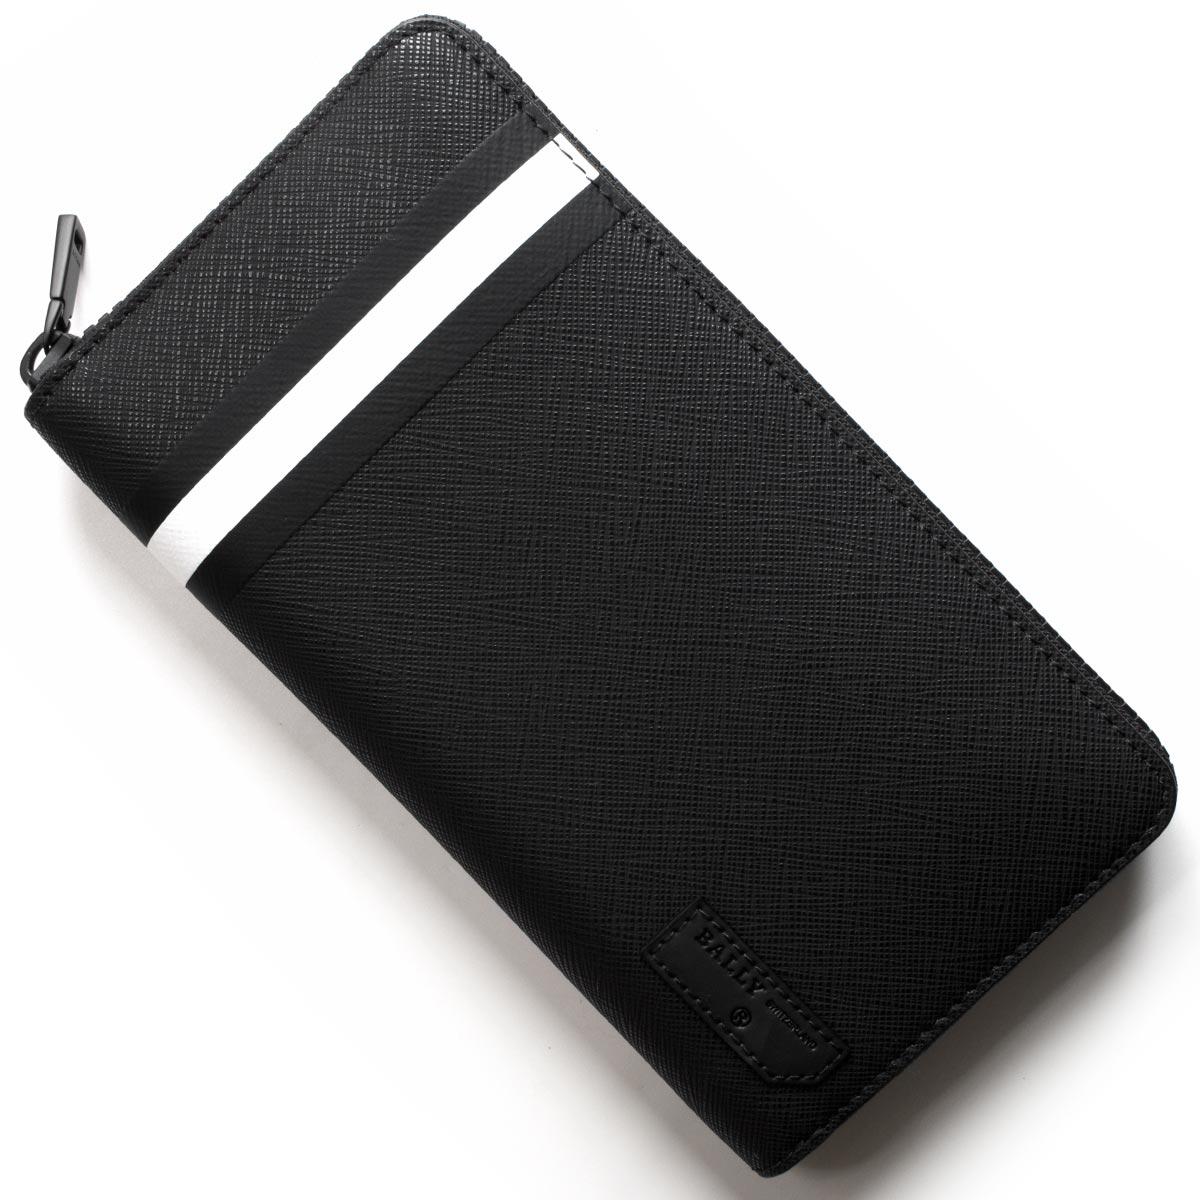 バリー 長財布 財布 メンズ バレン トラベル ブラック BALENOF 30 6224353 BALLY